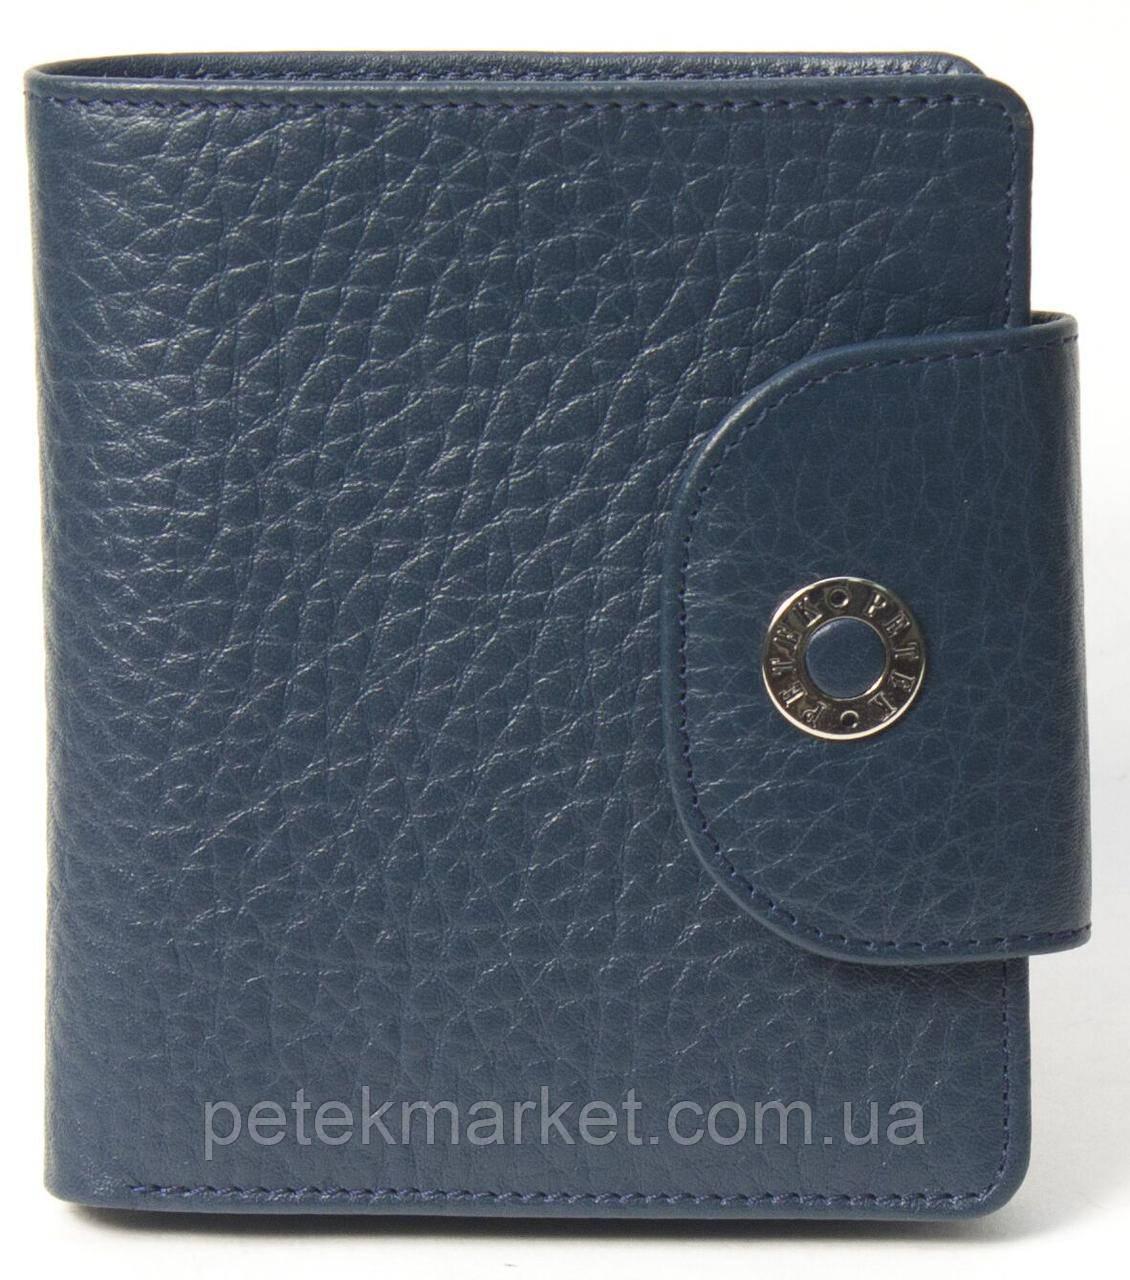 Кожаный женский кошелек Petek 346